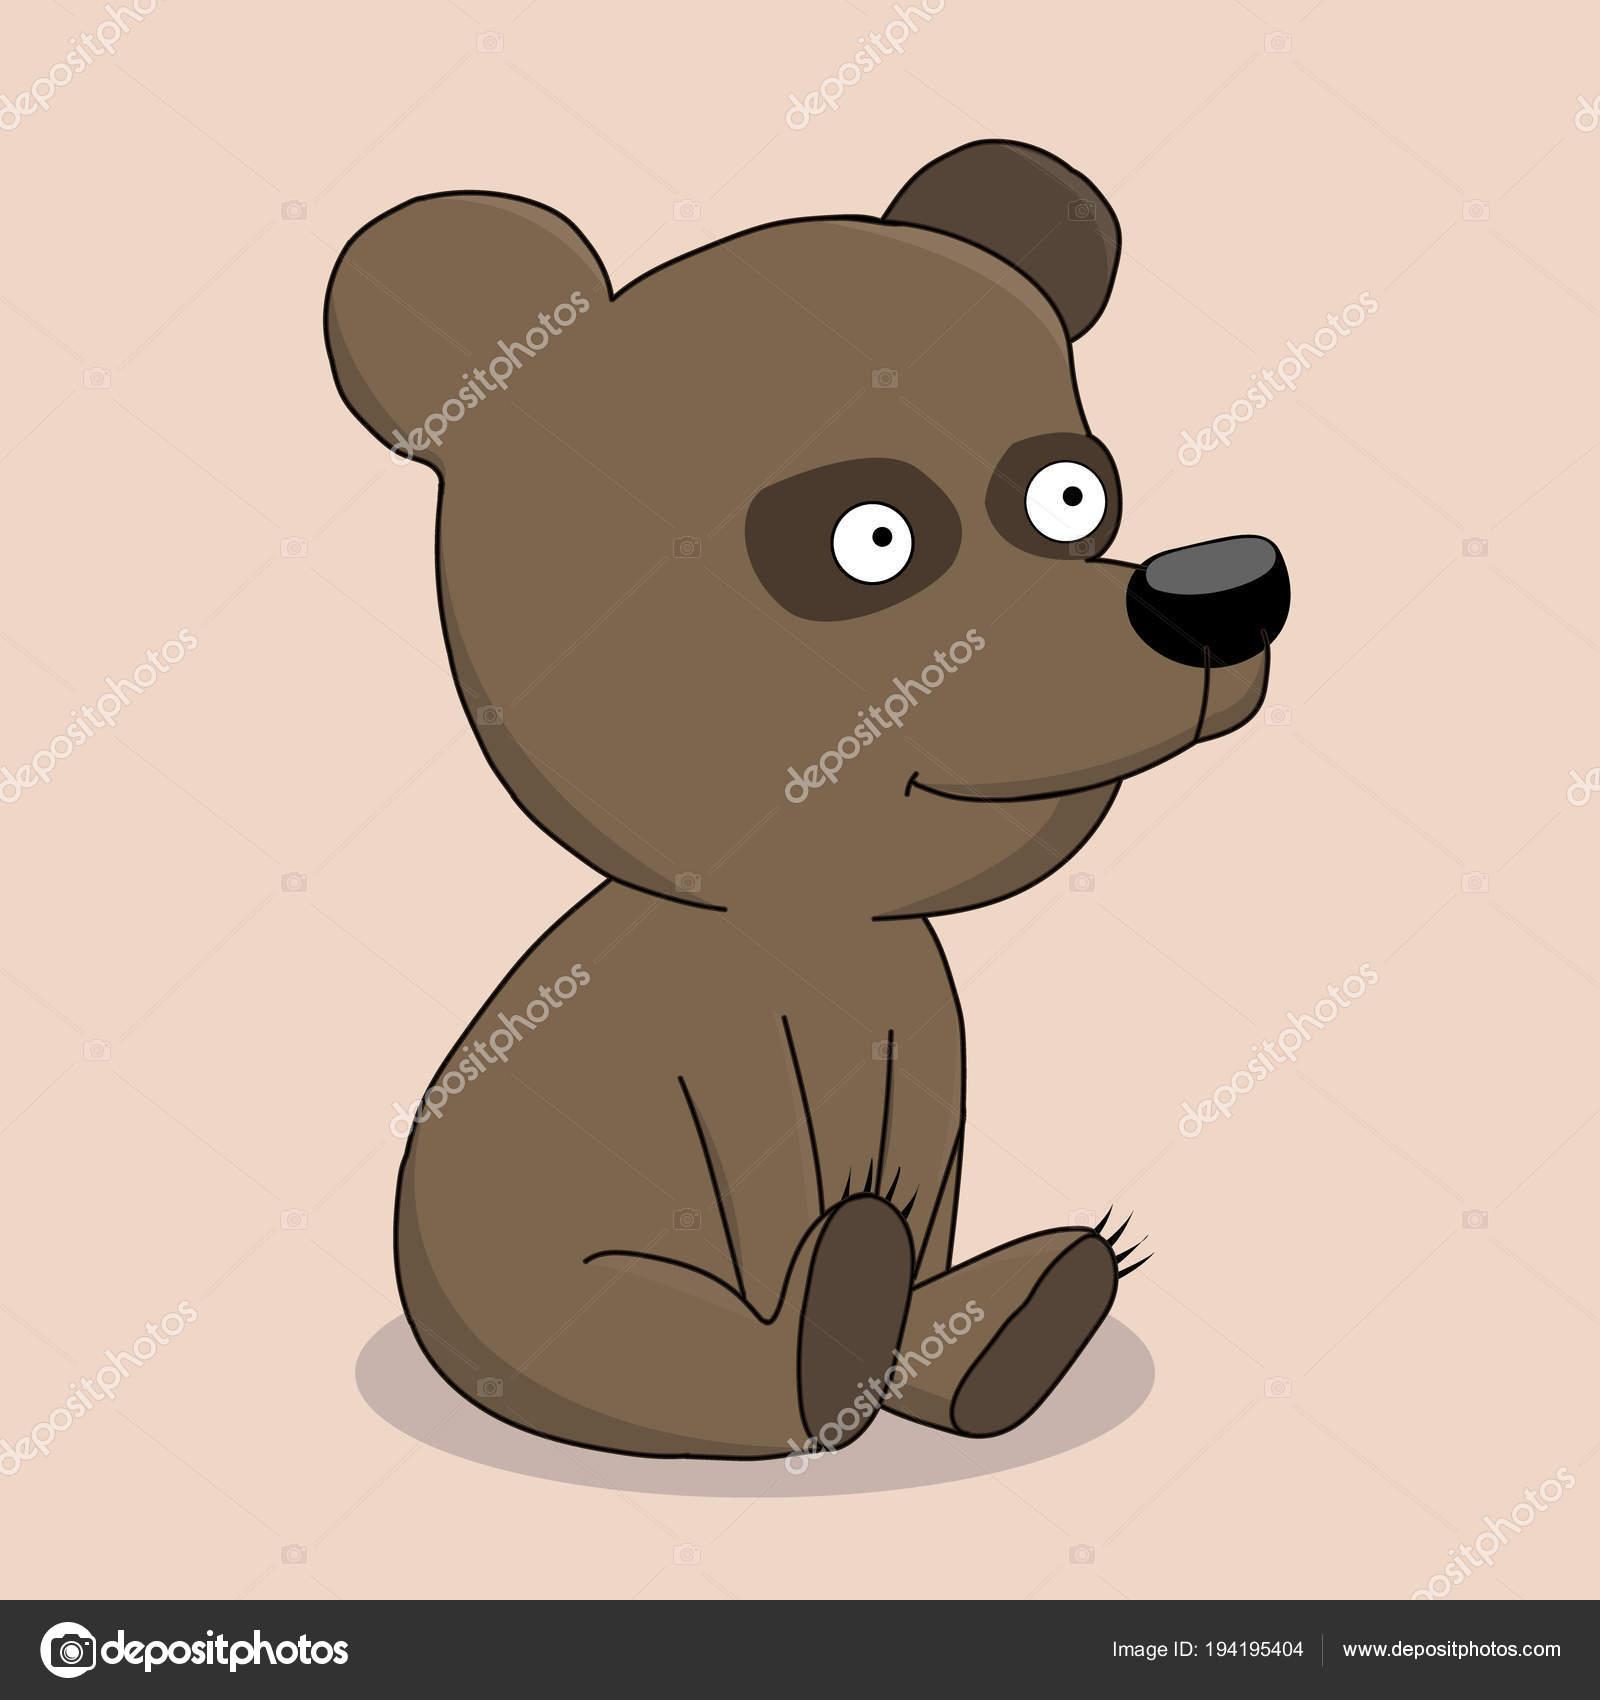 Cartone animato carino cucciolo di orso u vettoriali stock